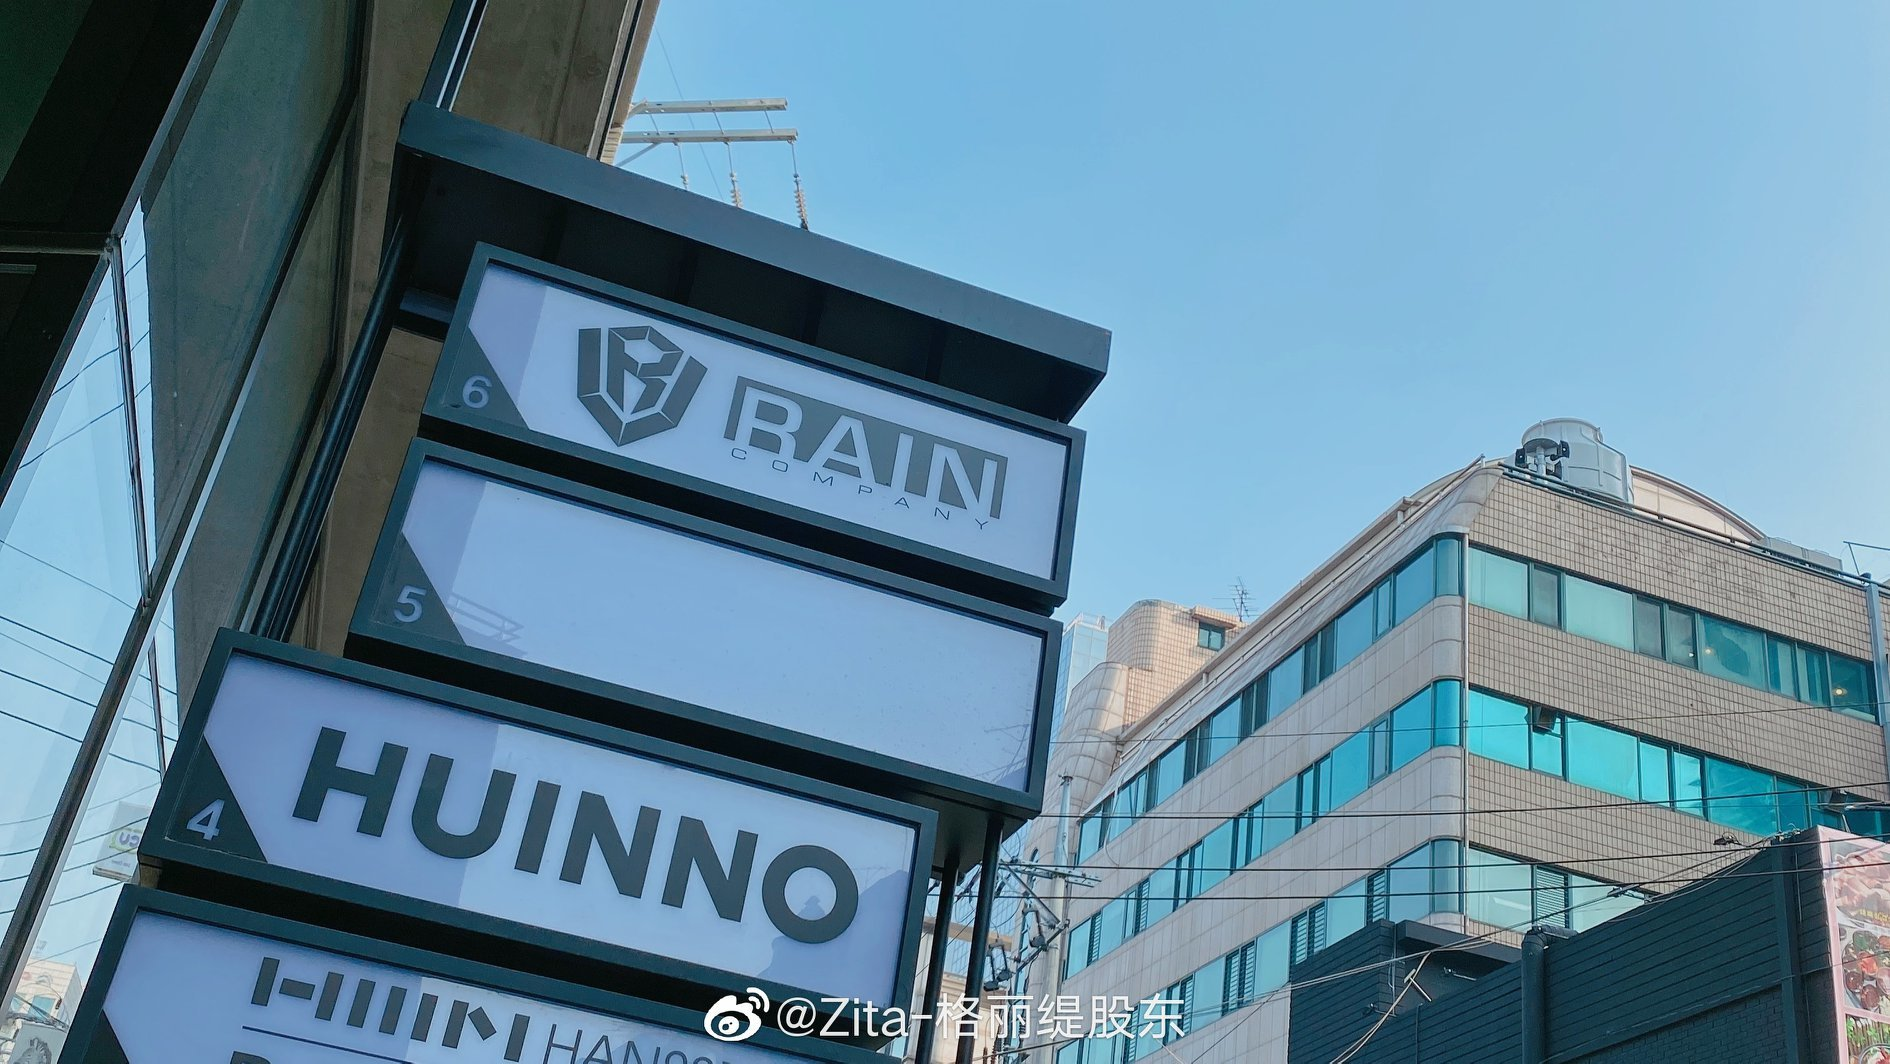 RAIN 中国コスメとサインしたようです_c0047605_12260280.jpg